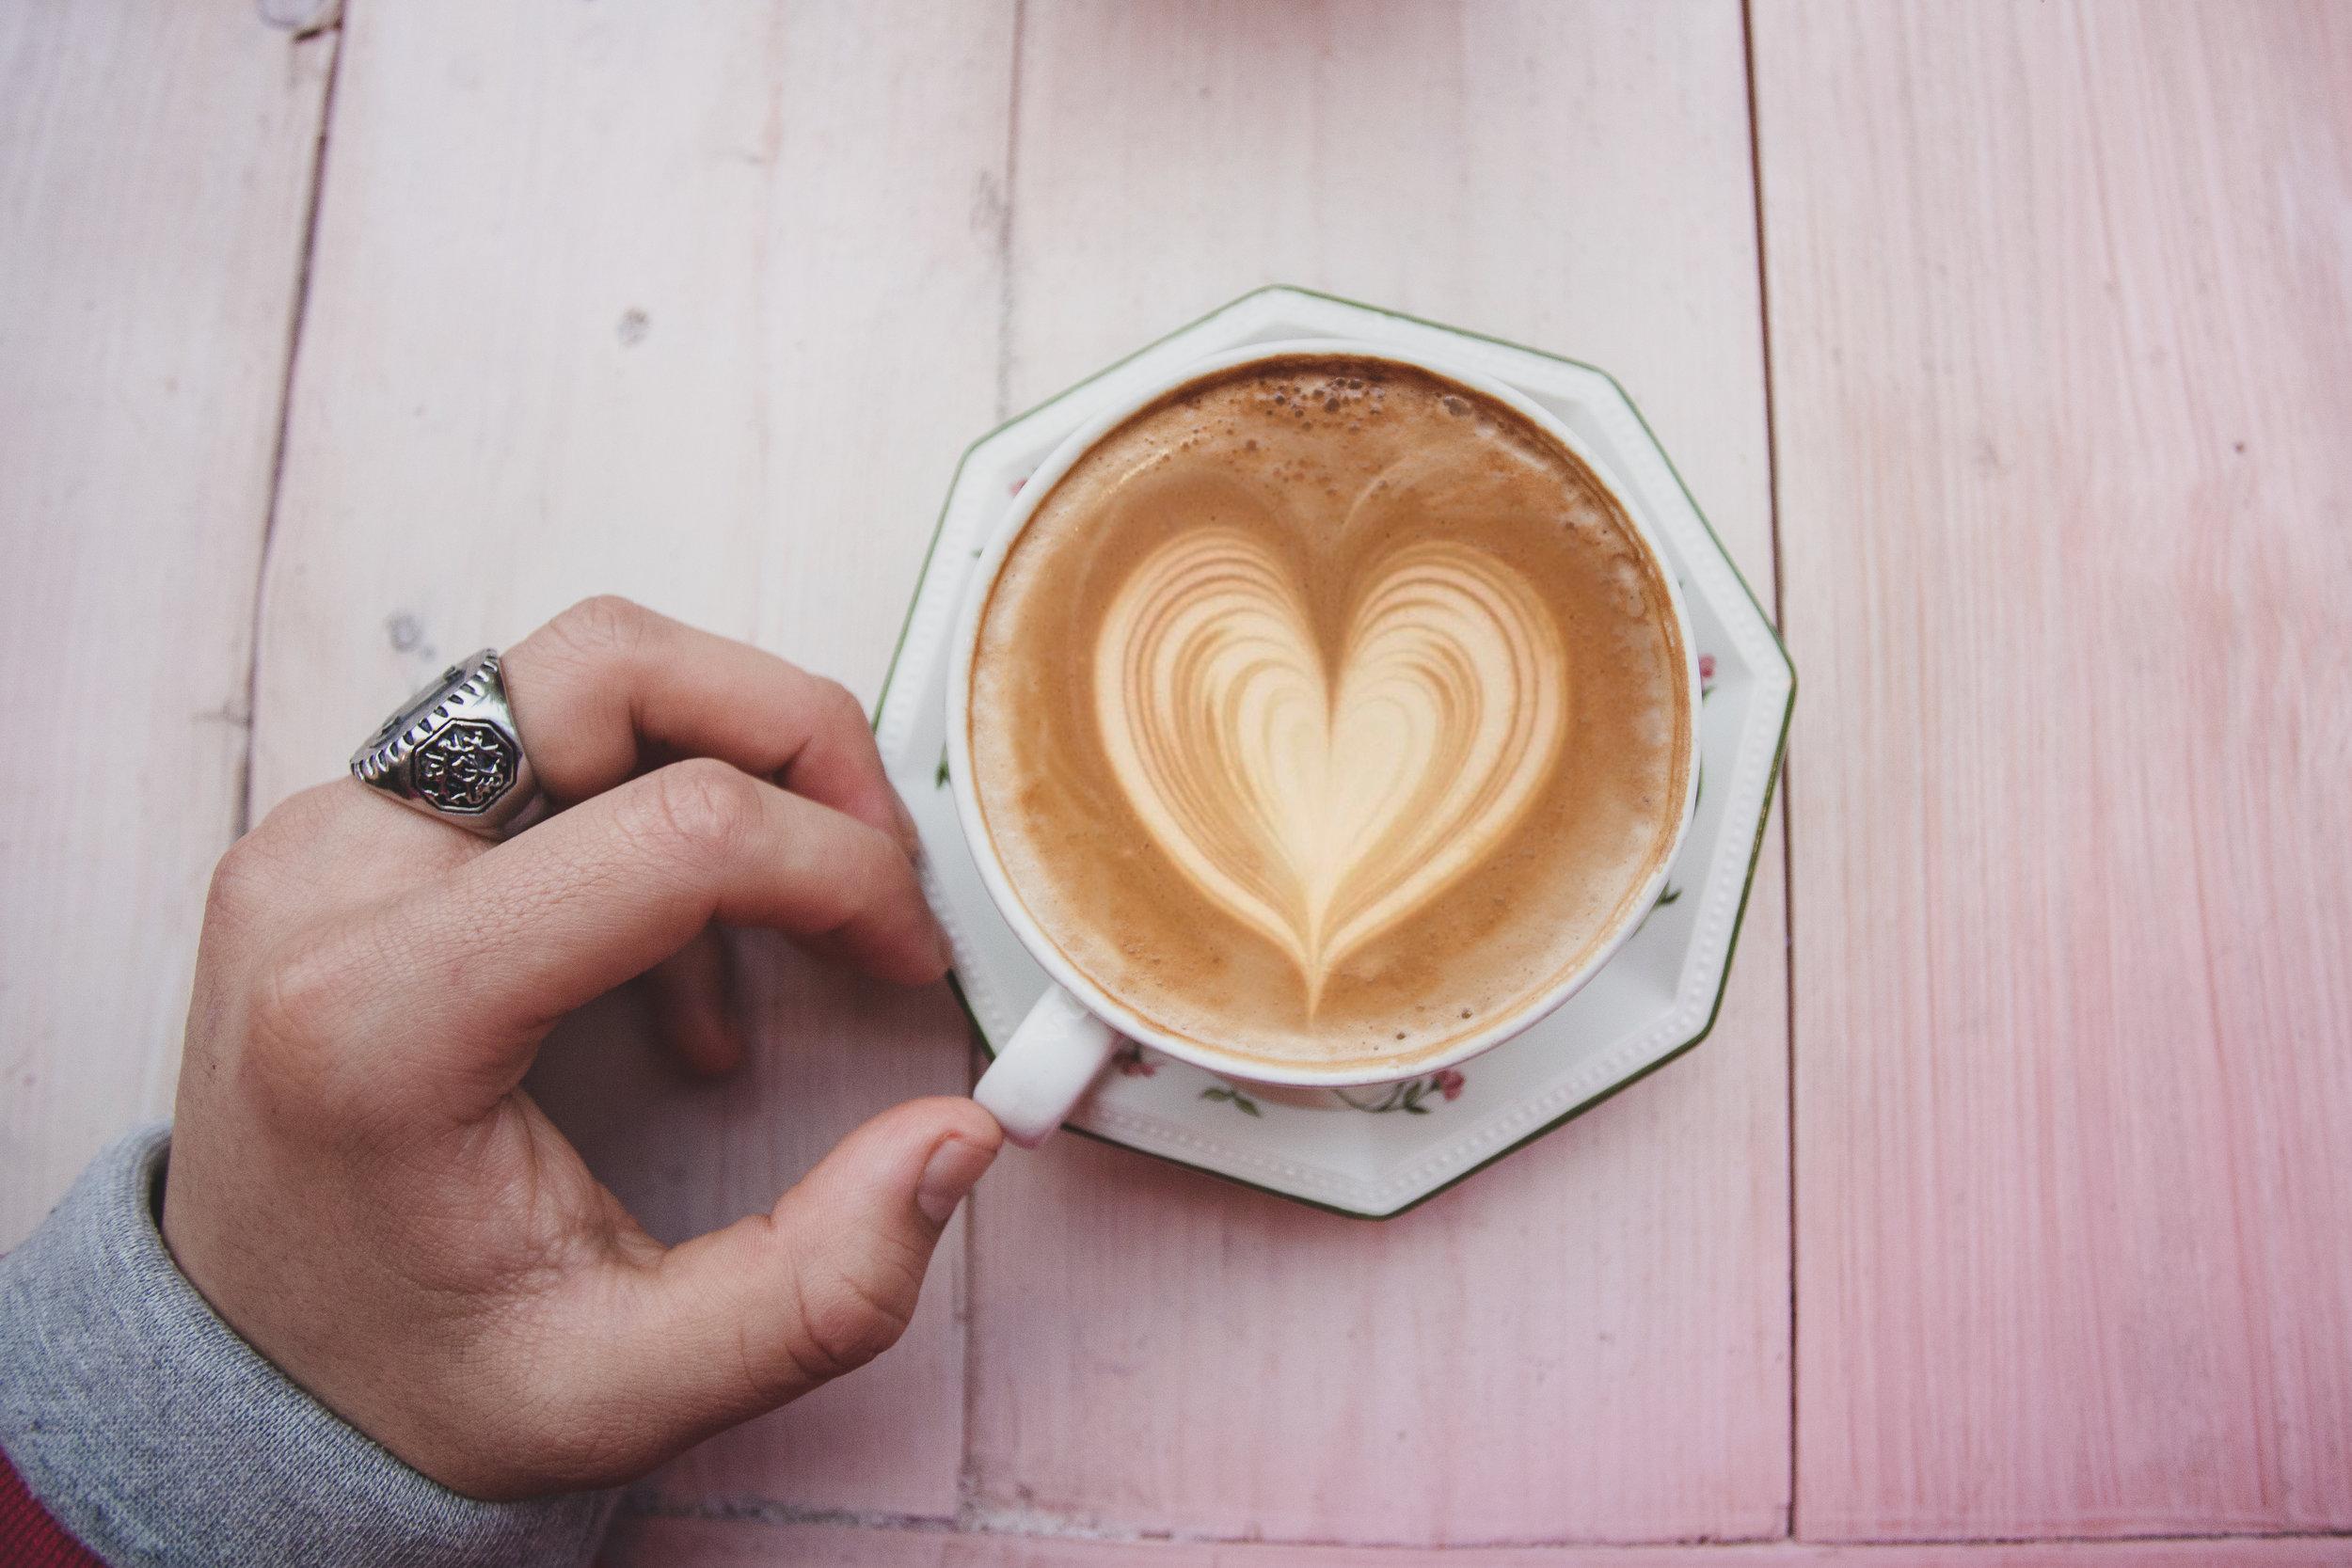 mamsons_latte_pic.jpg